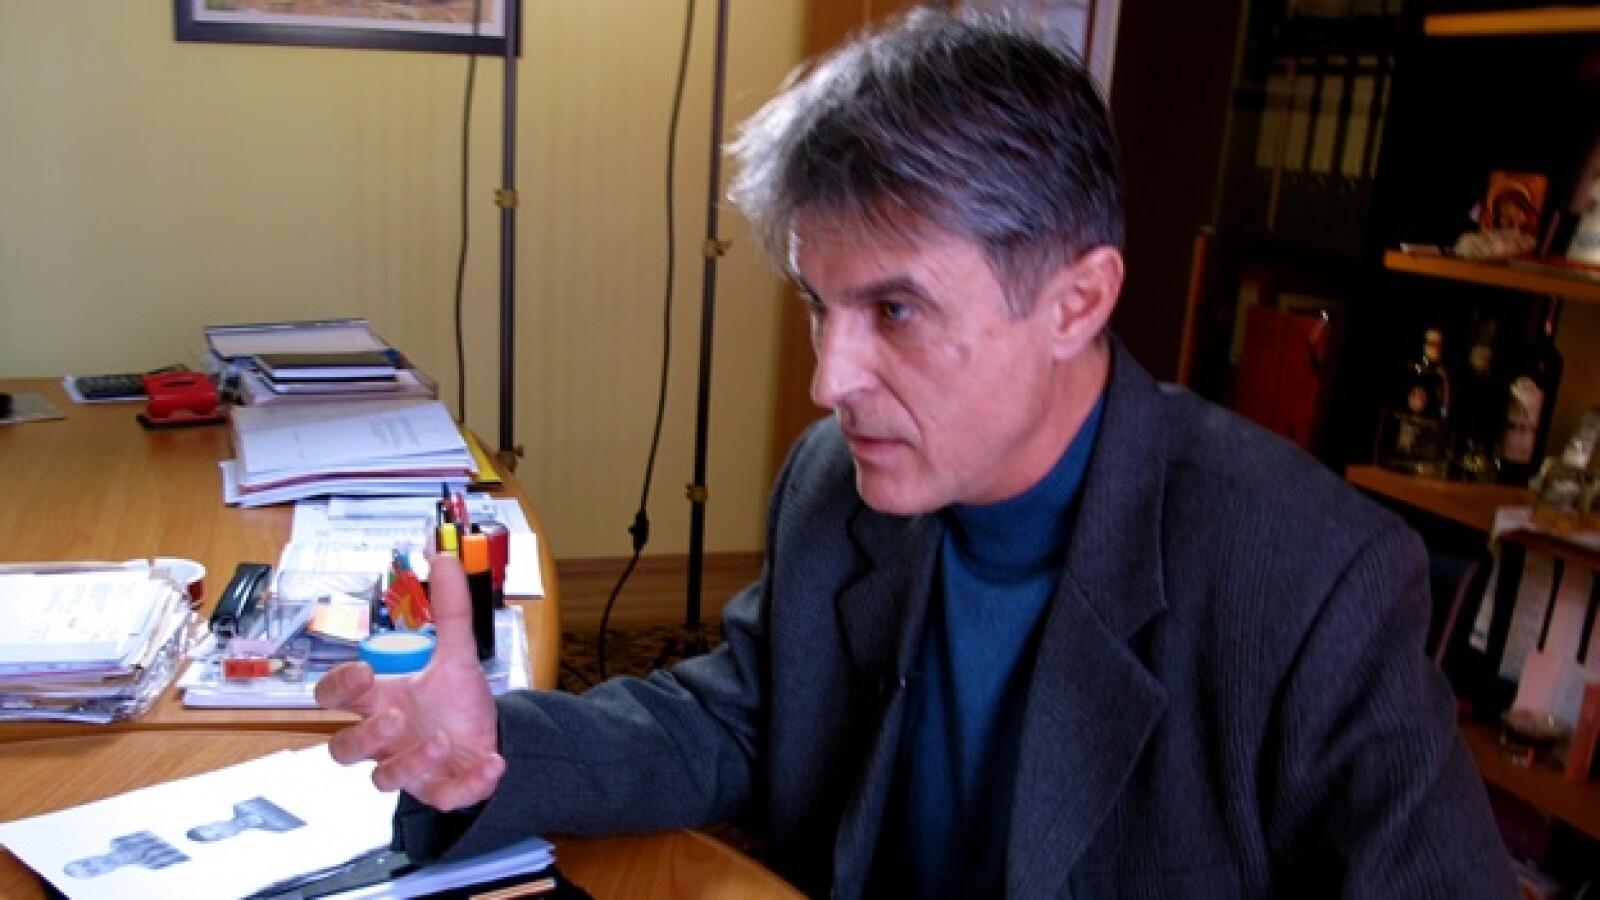 Rumania - trata de personas - investigador